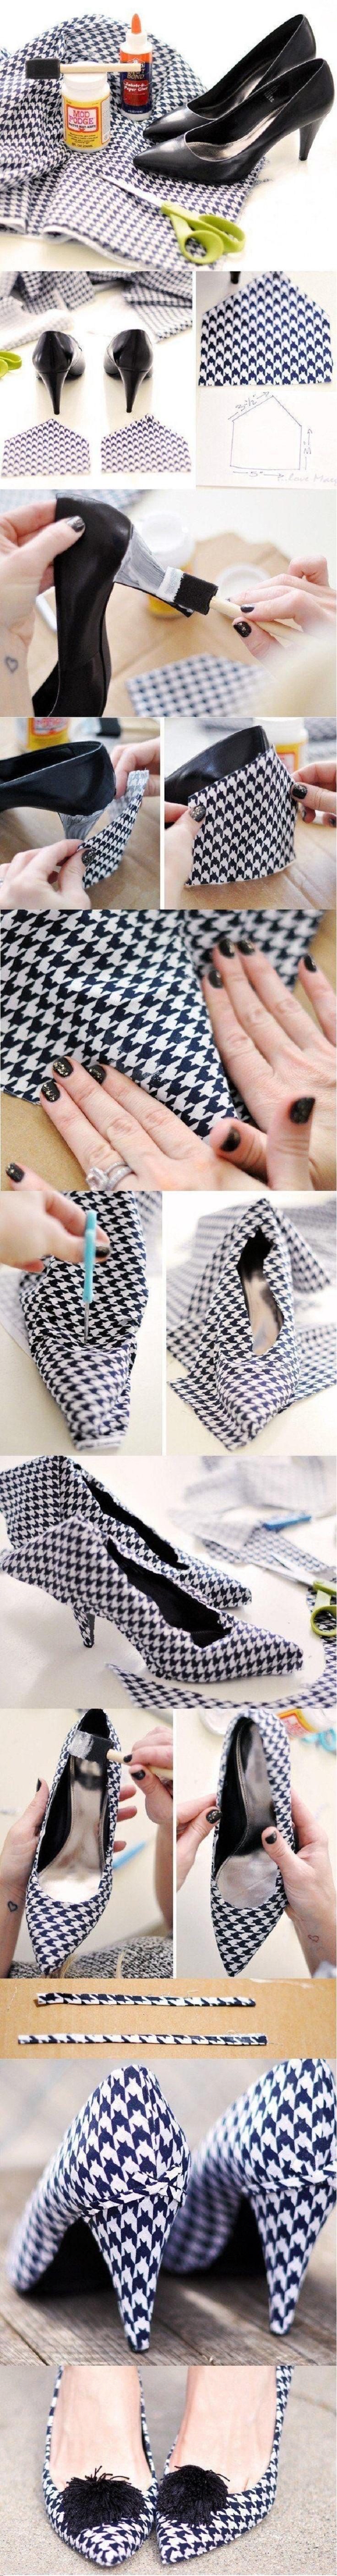 unique-diy-heels-ideas_05